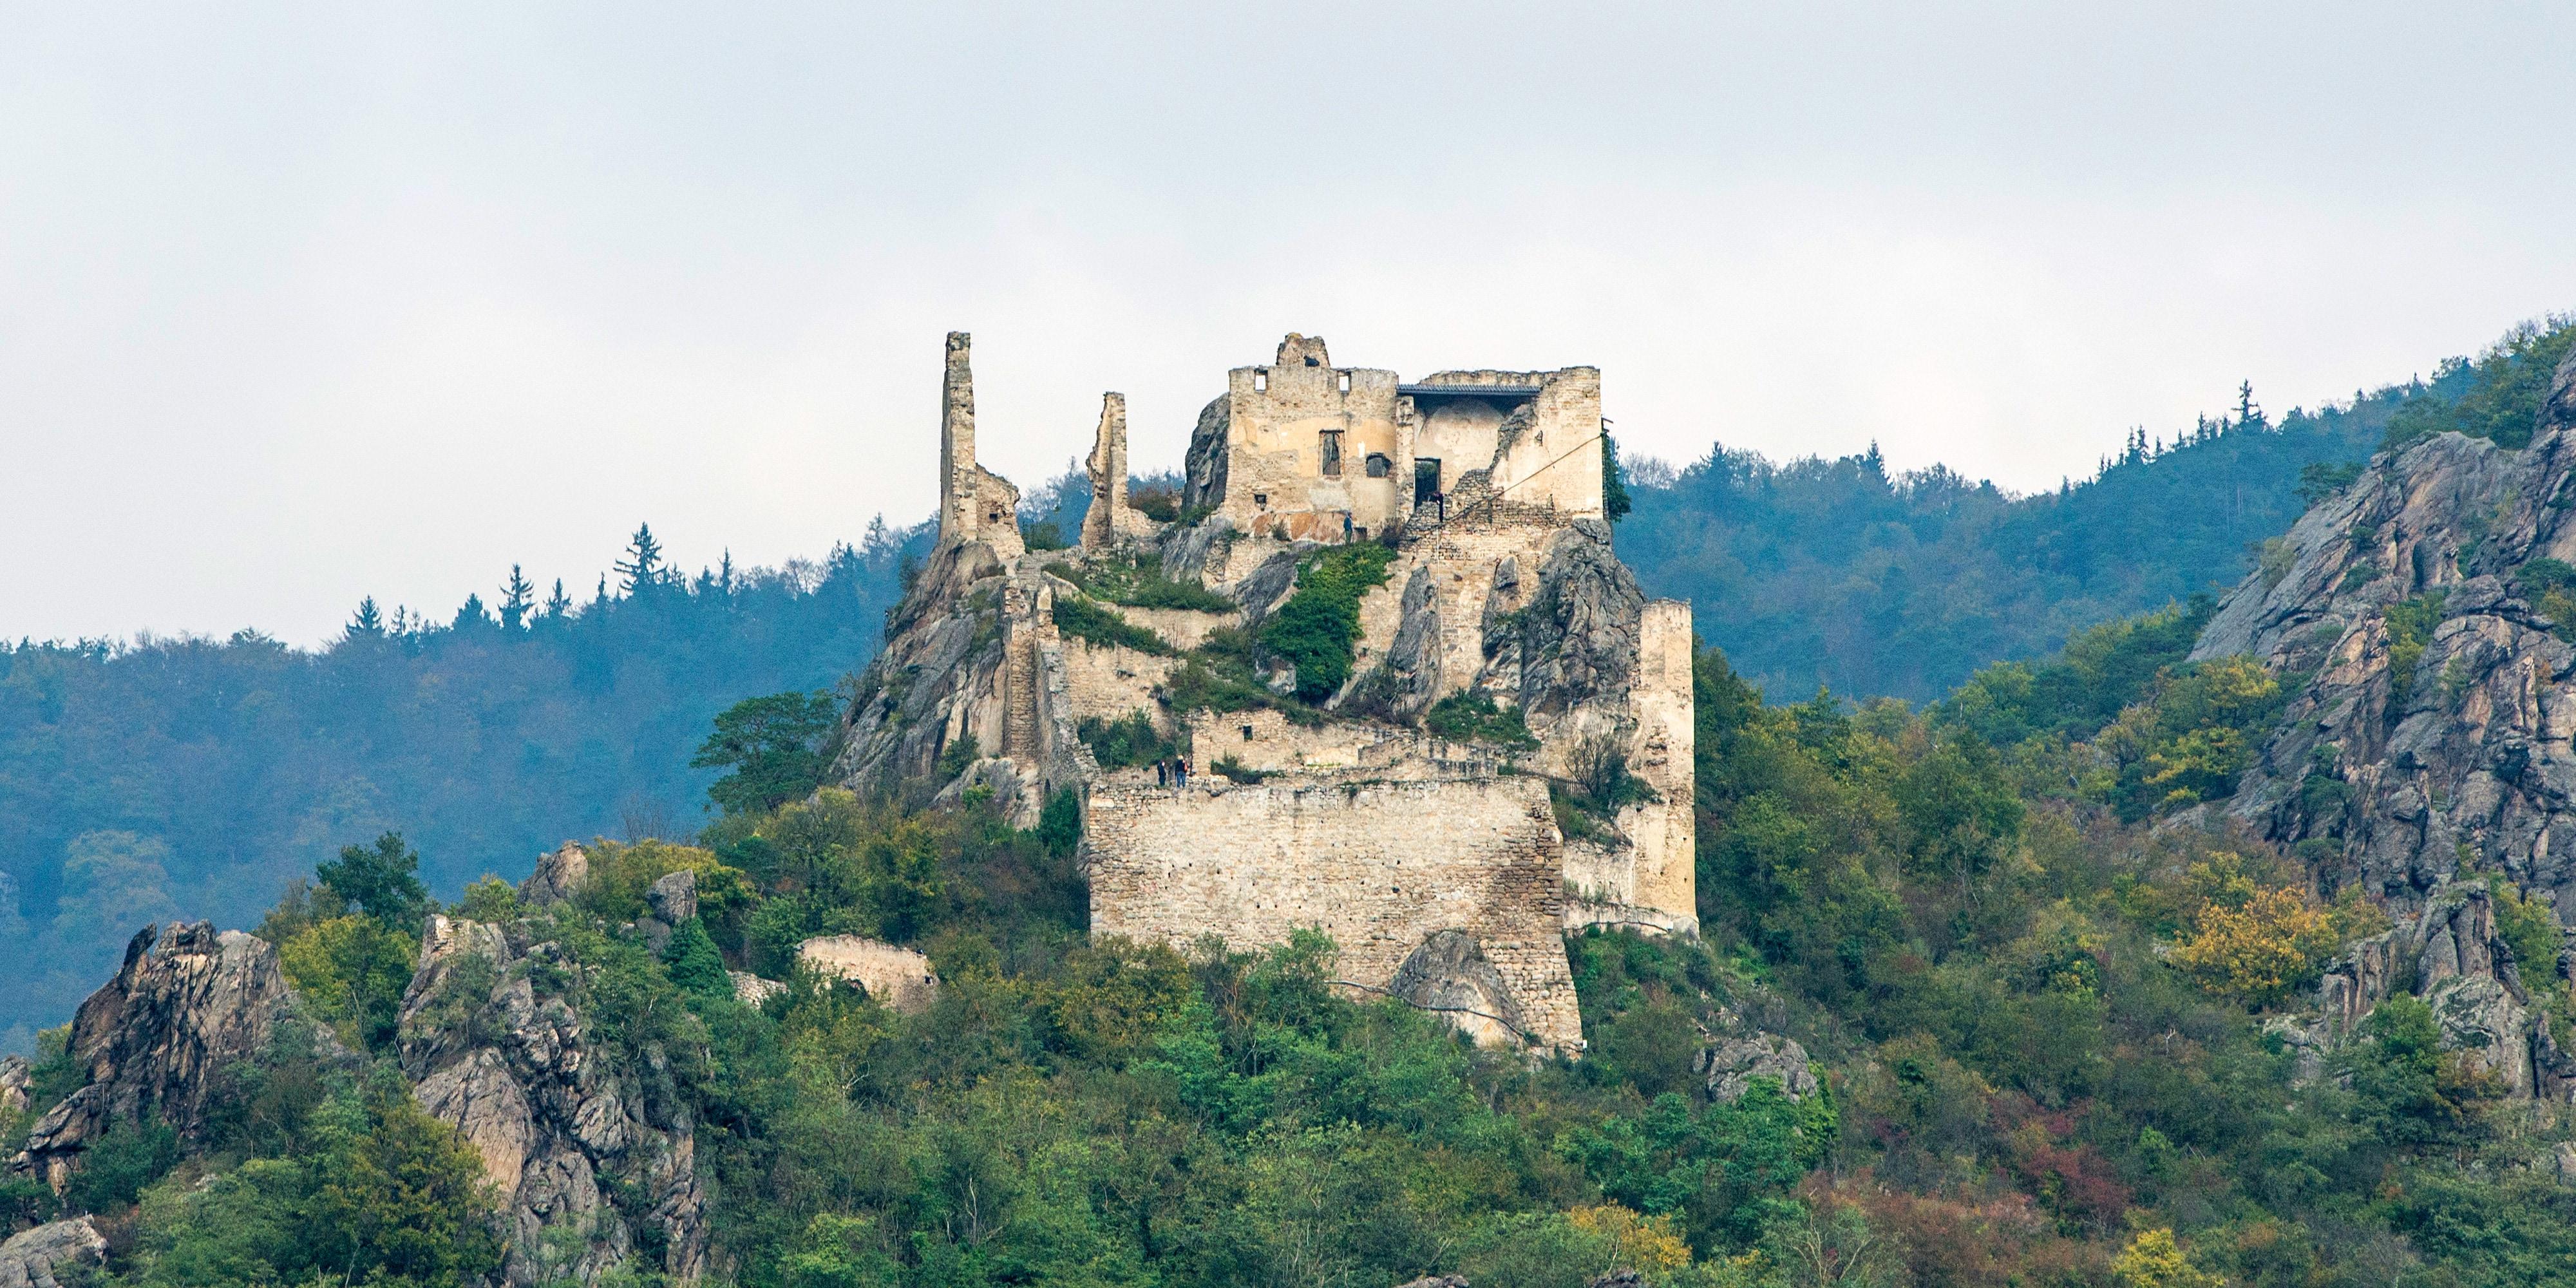 Historic ruins atop a mountaintop